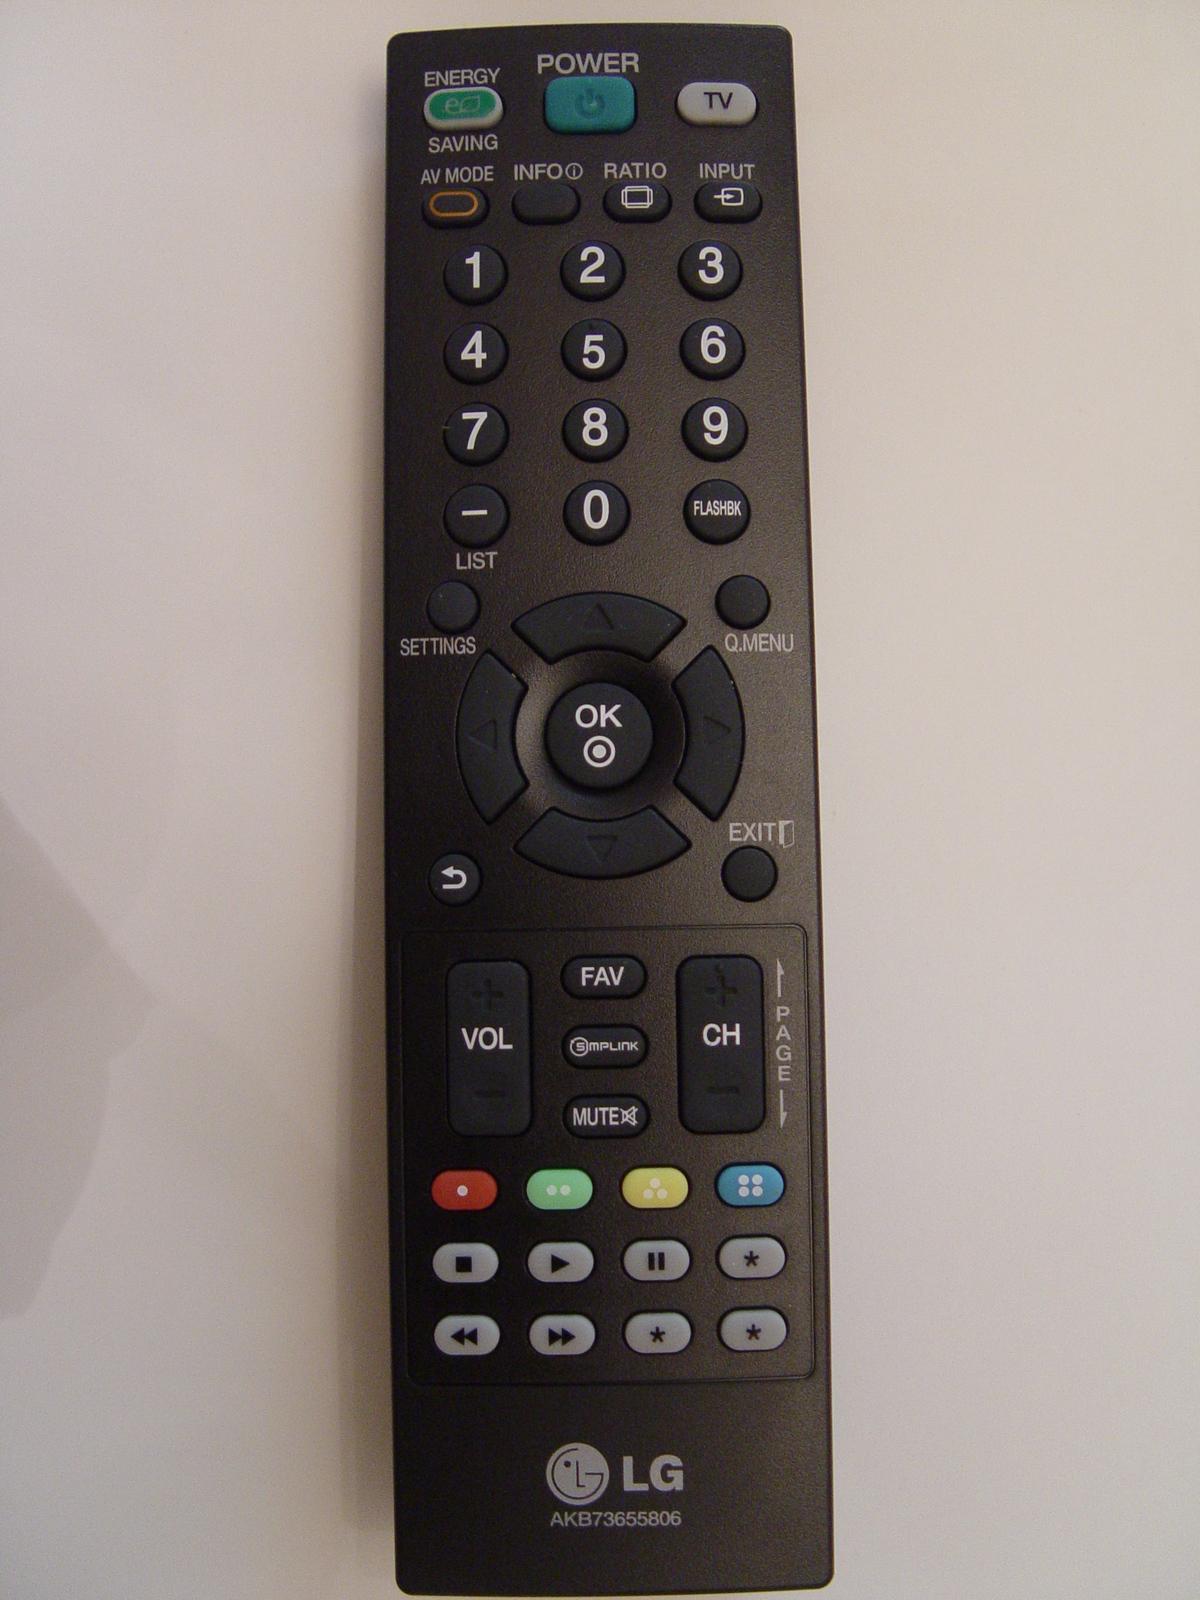 Akb73655806